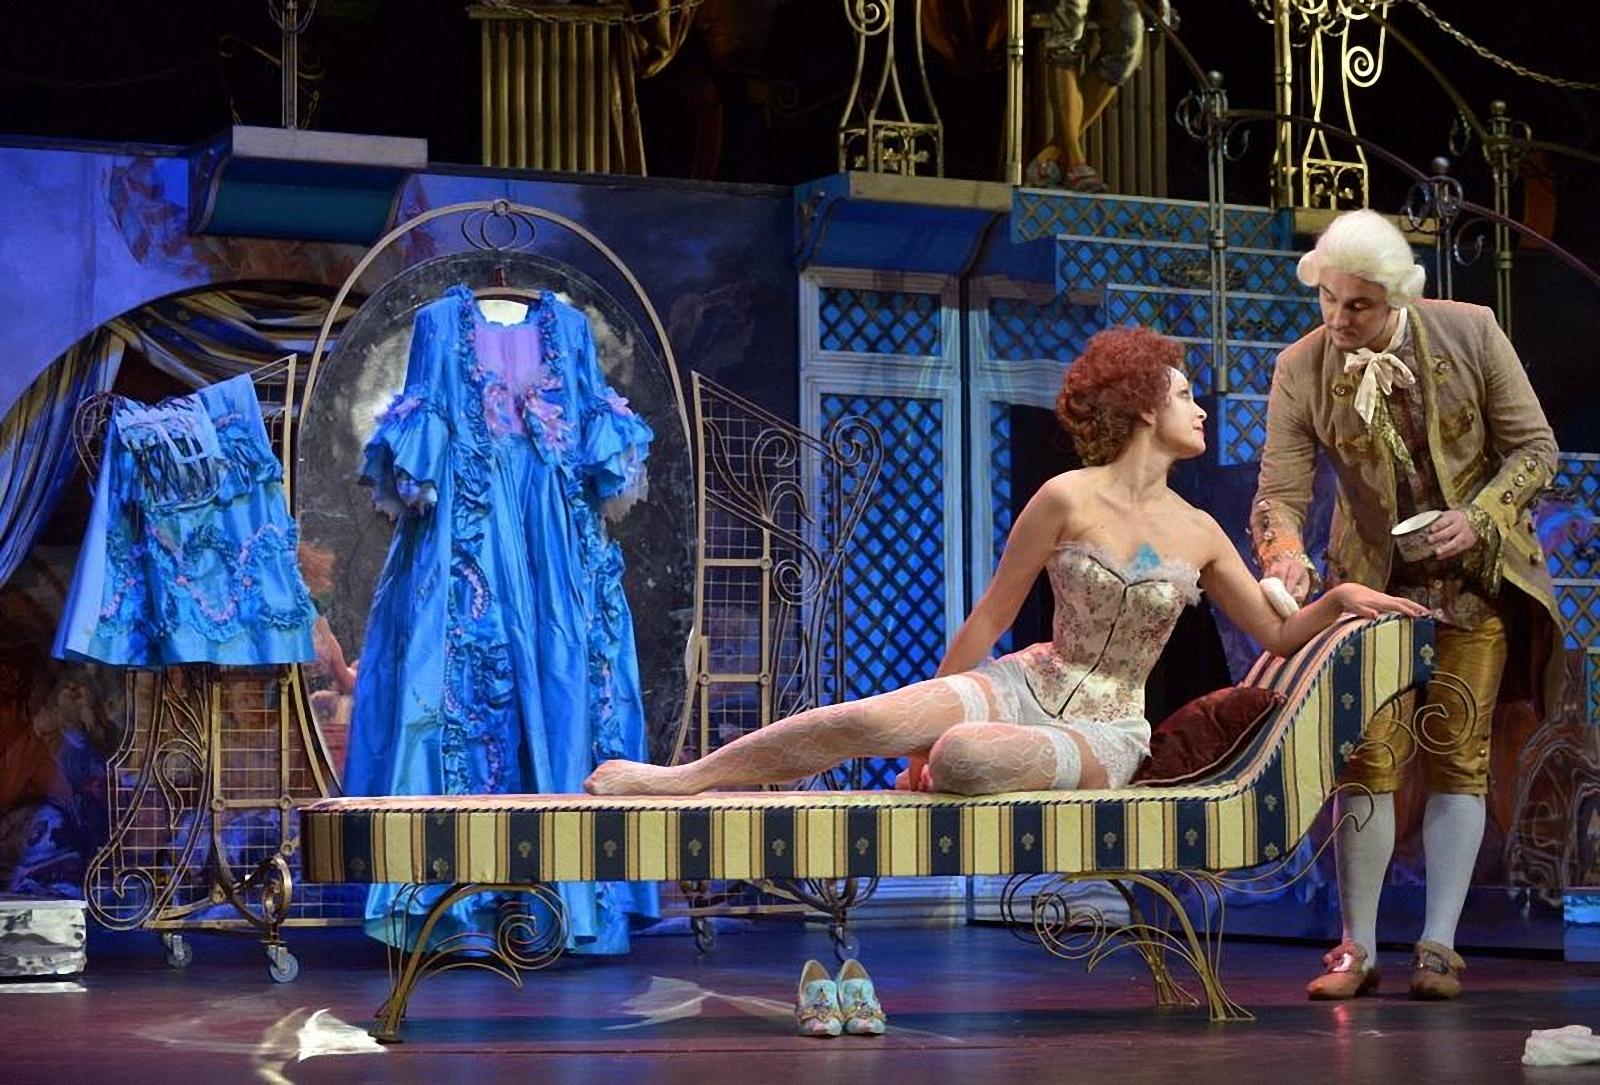 Театр с голыми актрисами, полная версия спектакля с голыми артистами на сцене 24 фотография